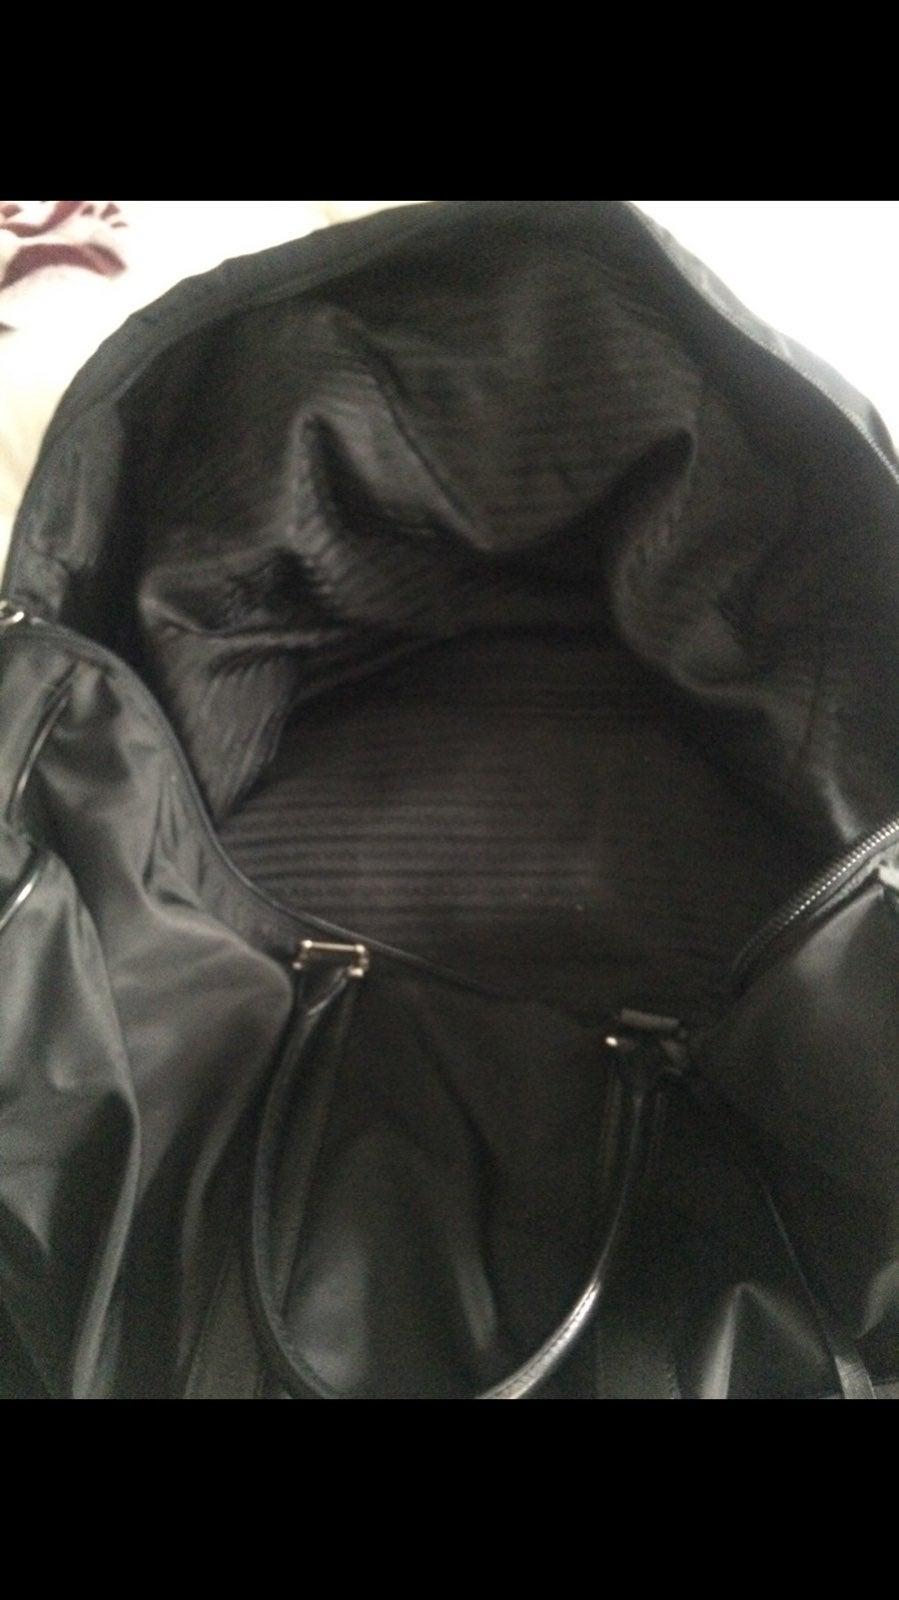 Prada overnight bag